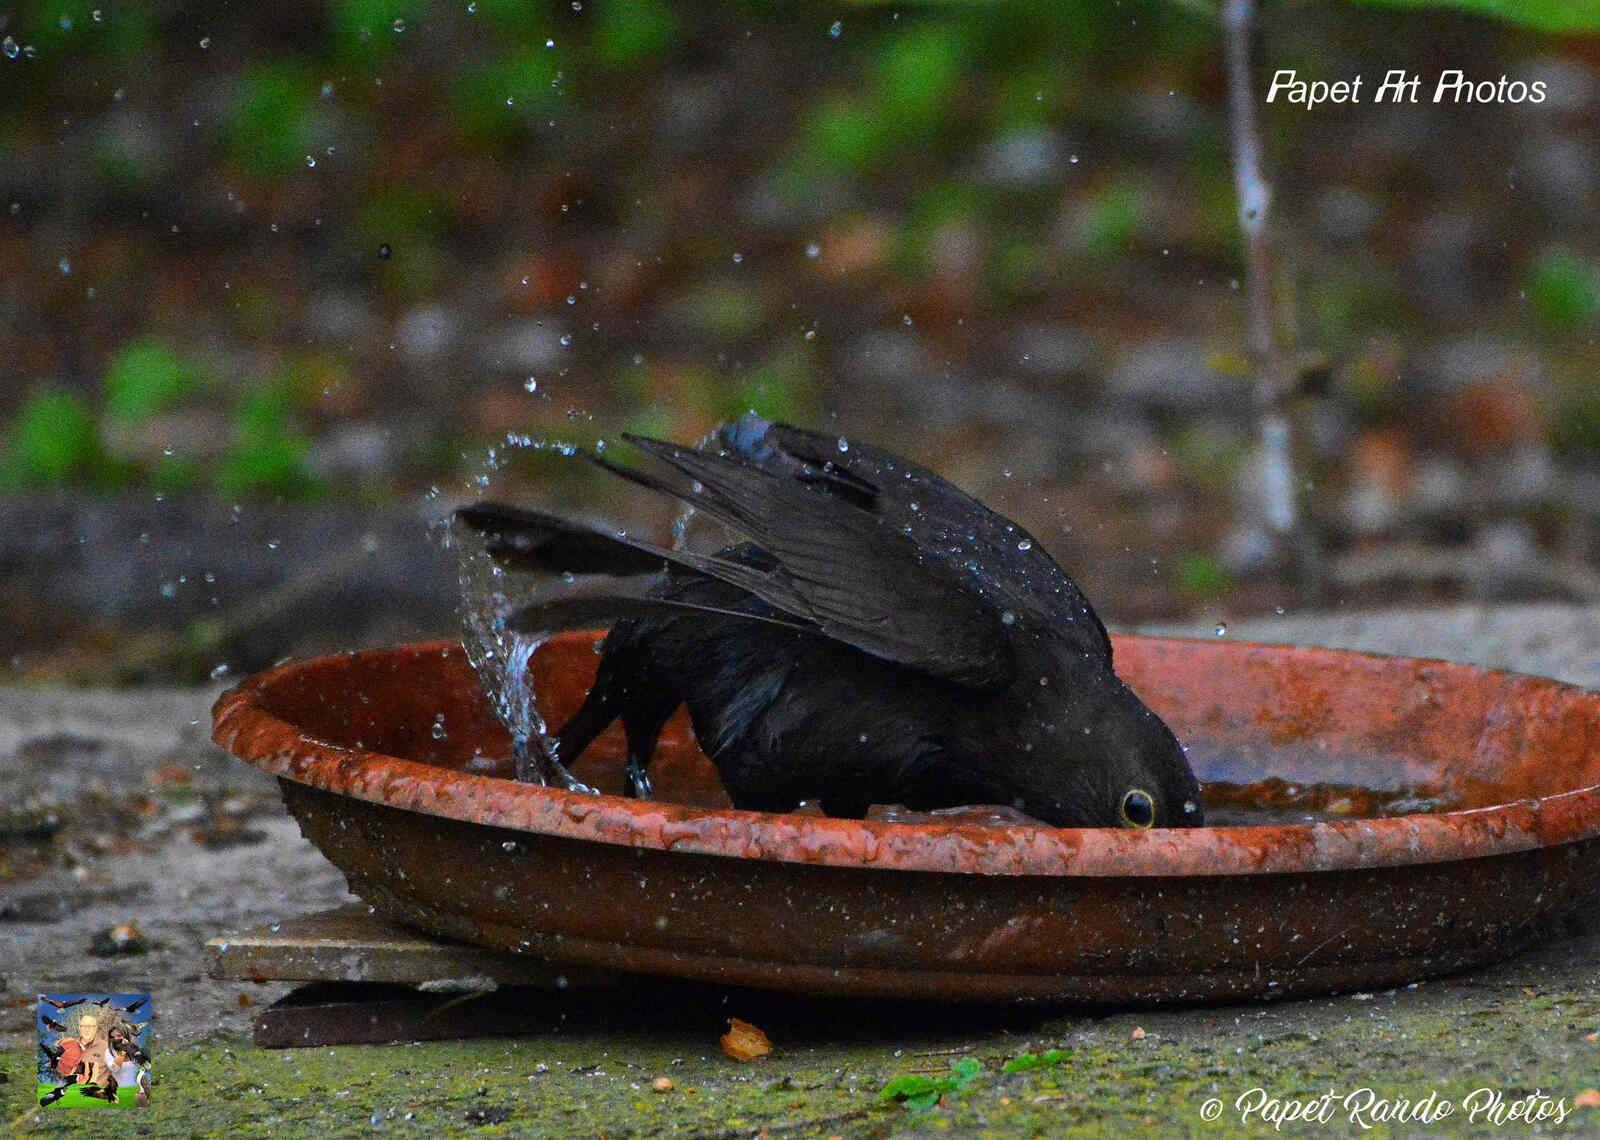 Aujourd'hui le bain, en plus sur une pluie battante